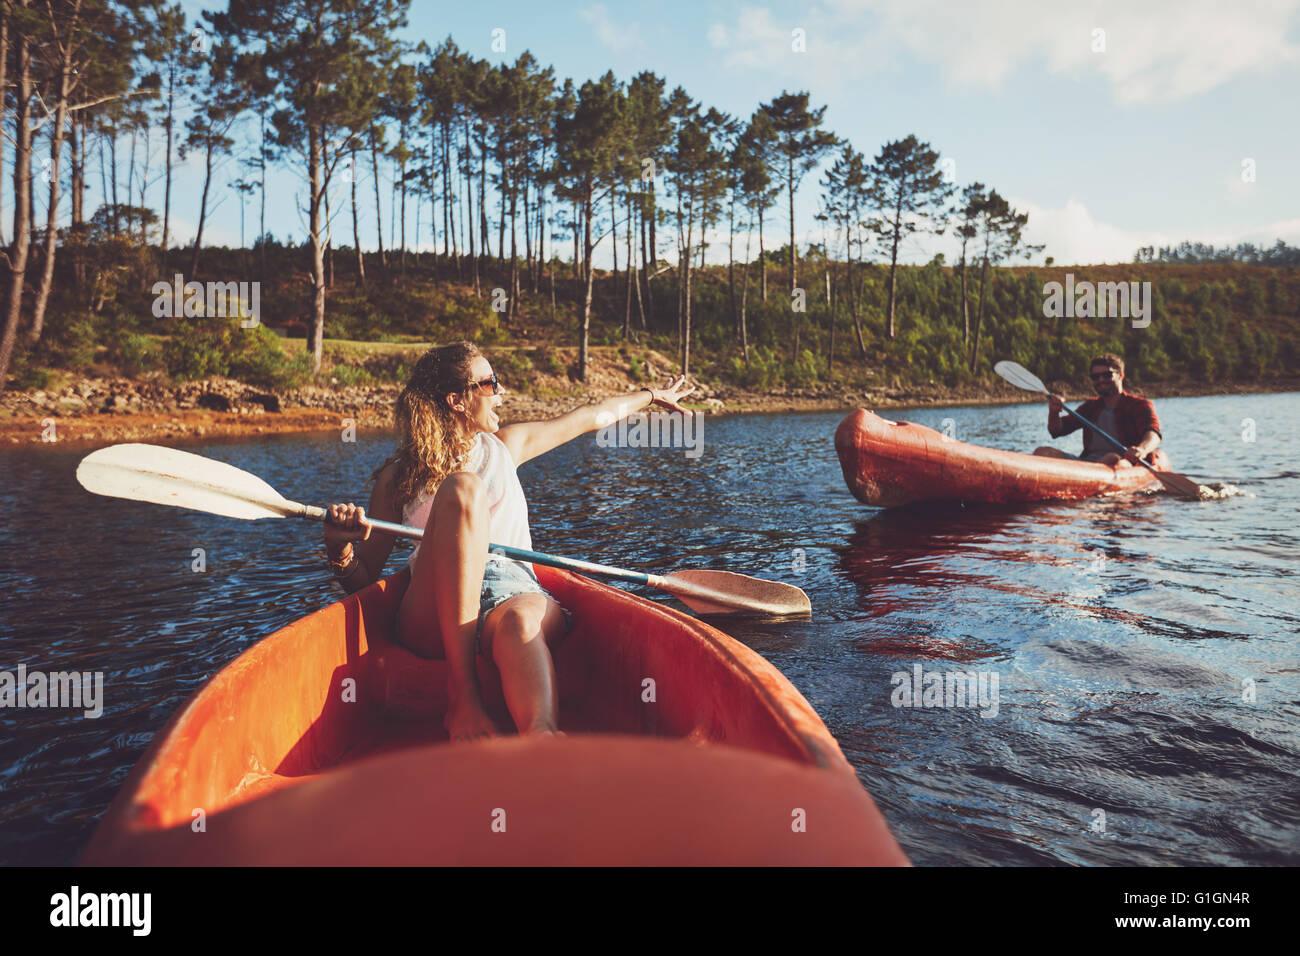 Pareja joven canotaje en el lago. Los palistas jóvenes disfrutando de un día en el lago. Imagen De Stock